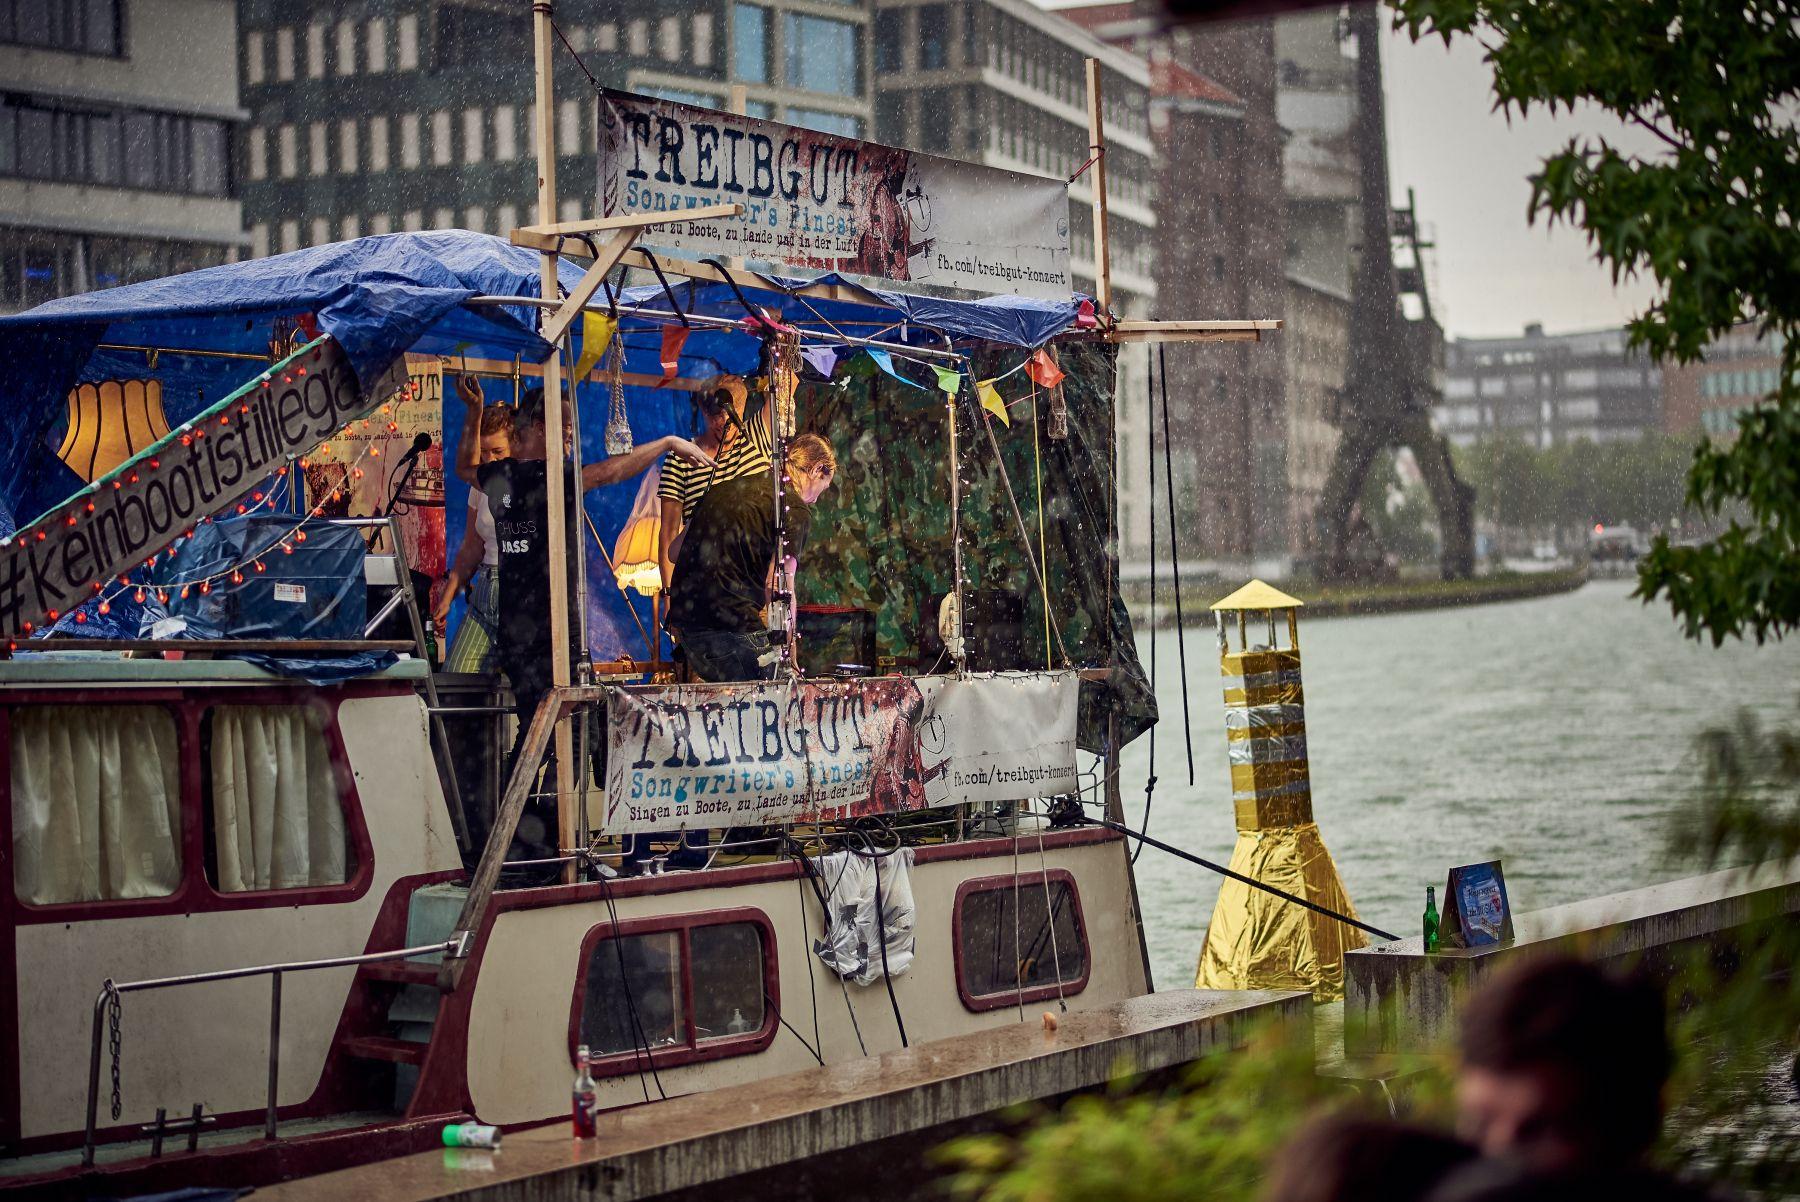 Treibgut - Hafen -2-2019- Regen